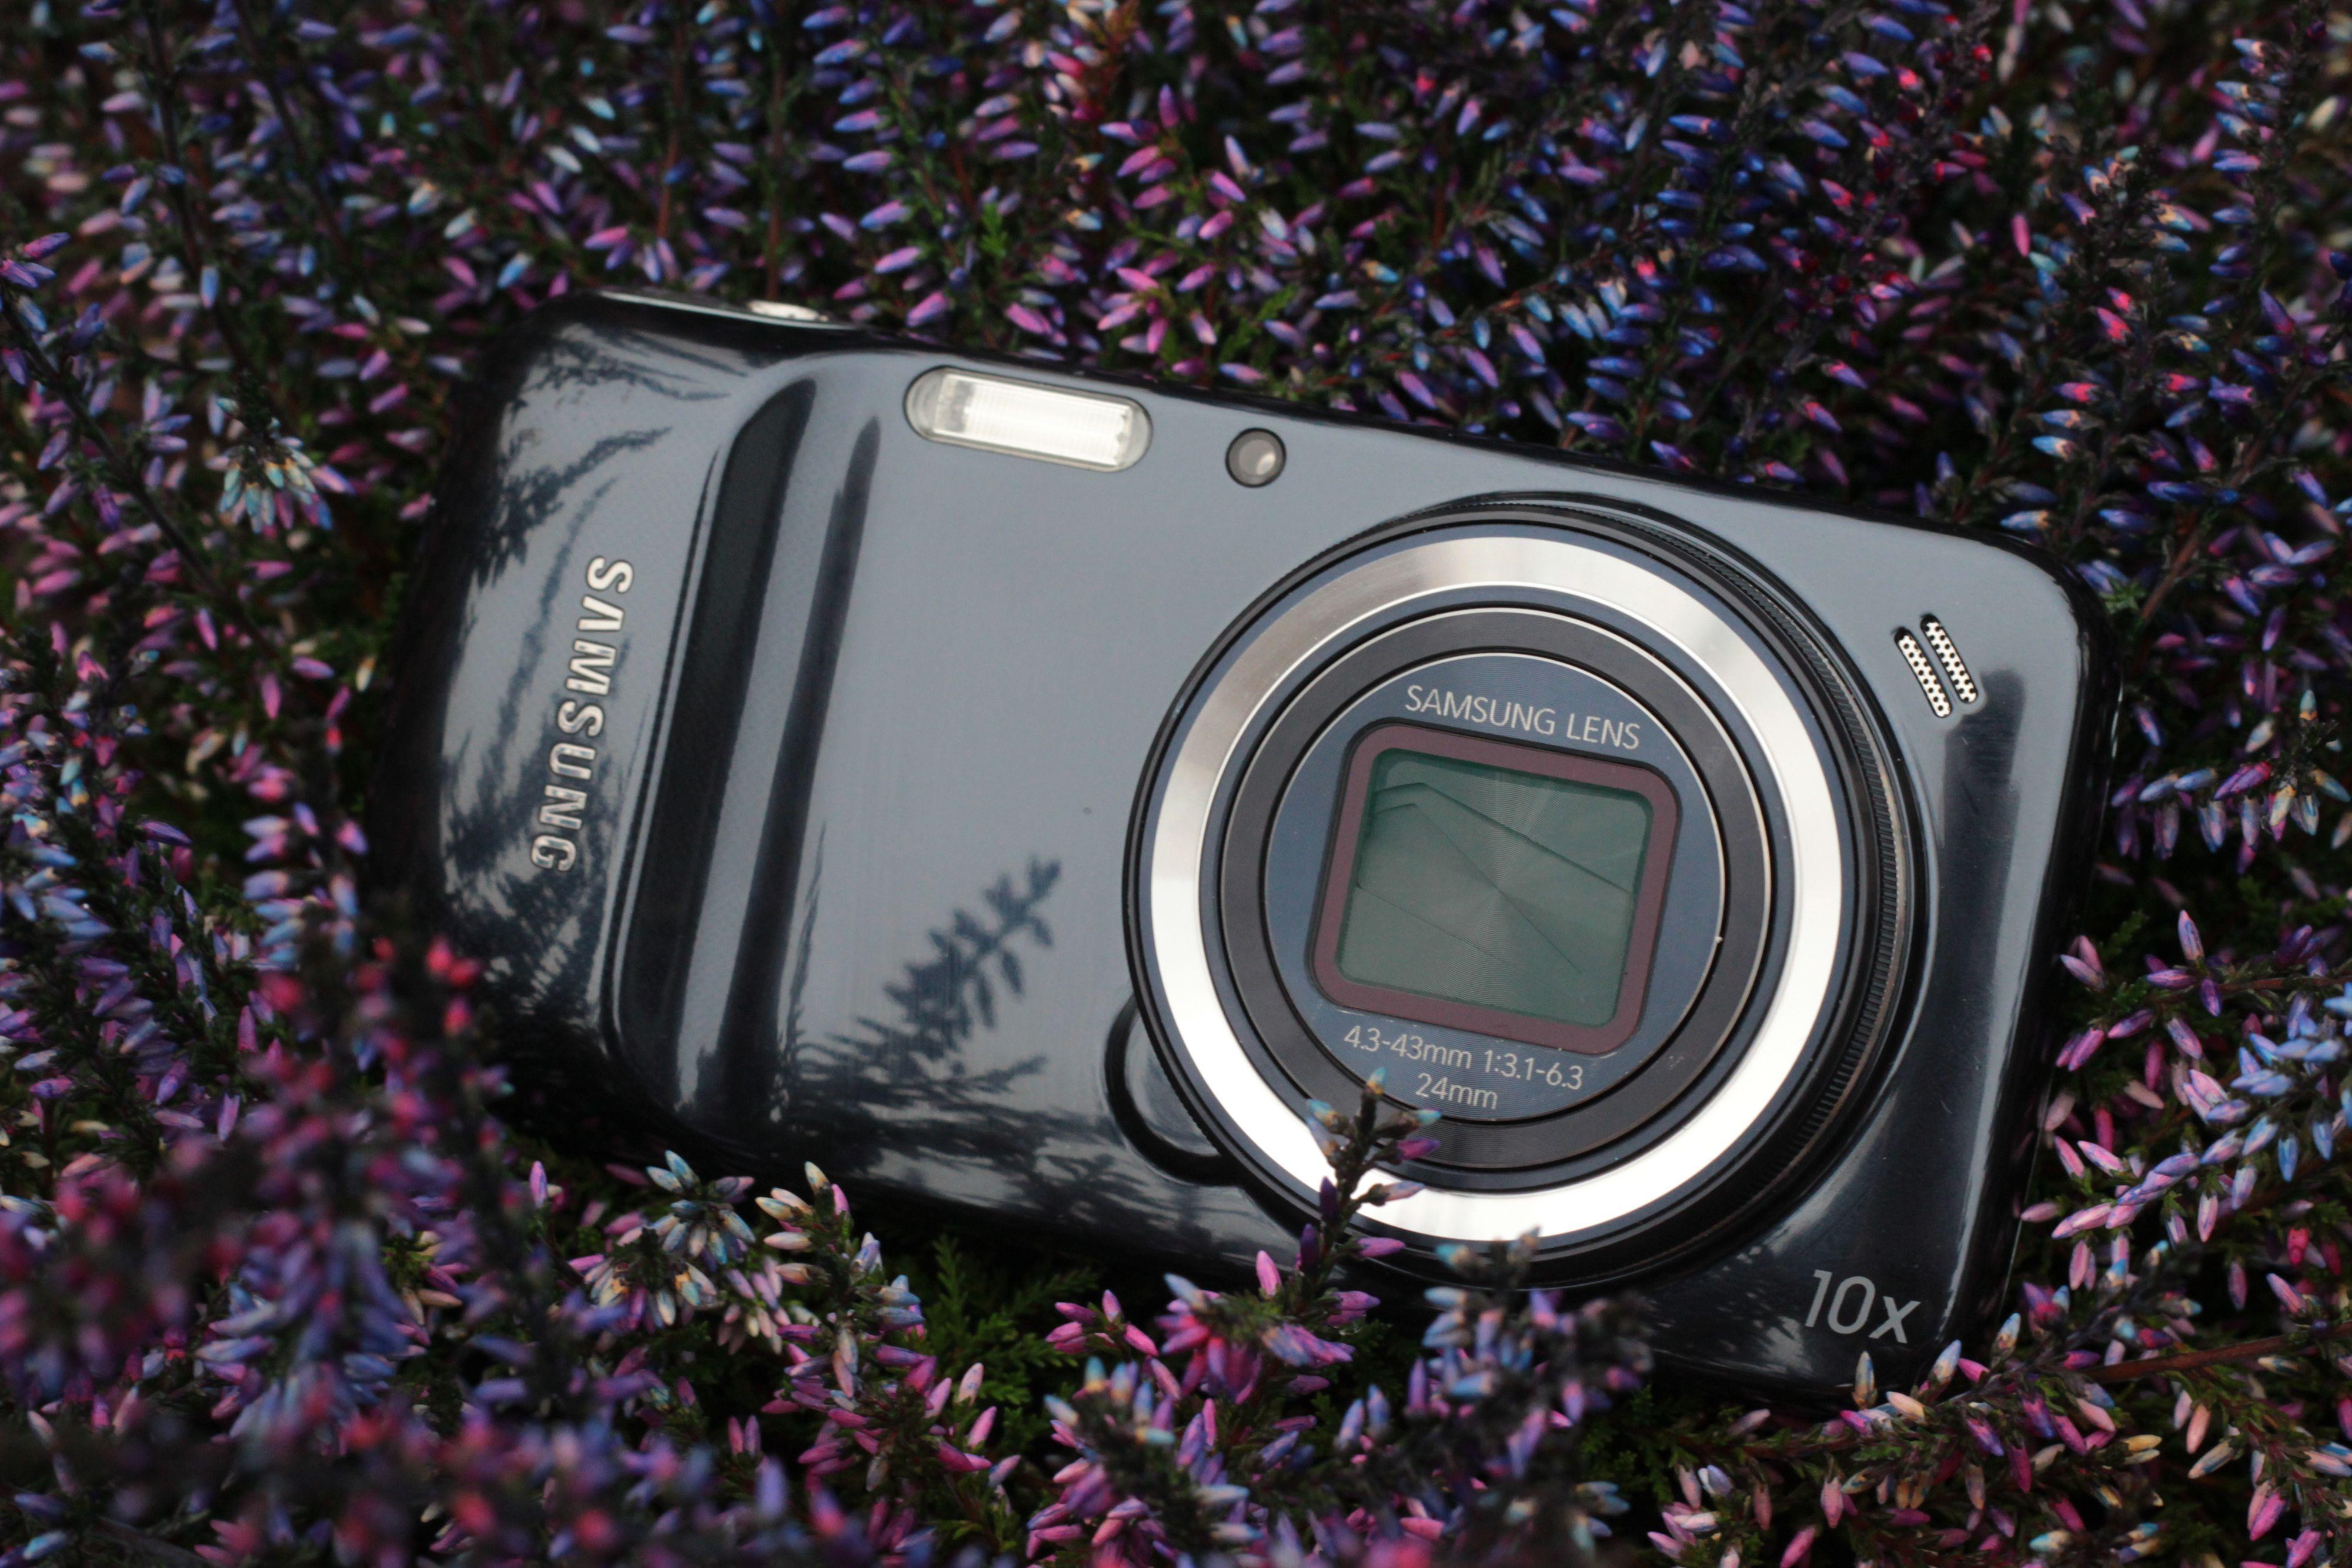 Galaxy S4 Zoom ble ett av årets merkeligste mobilprodukter. Til neste år vil vi se langt flere slike hybrider.Foto: Kjersti Stuestøl/Akam.no